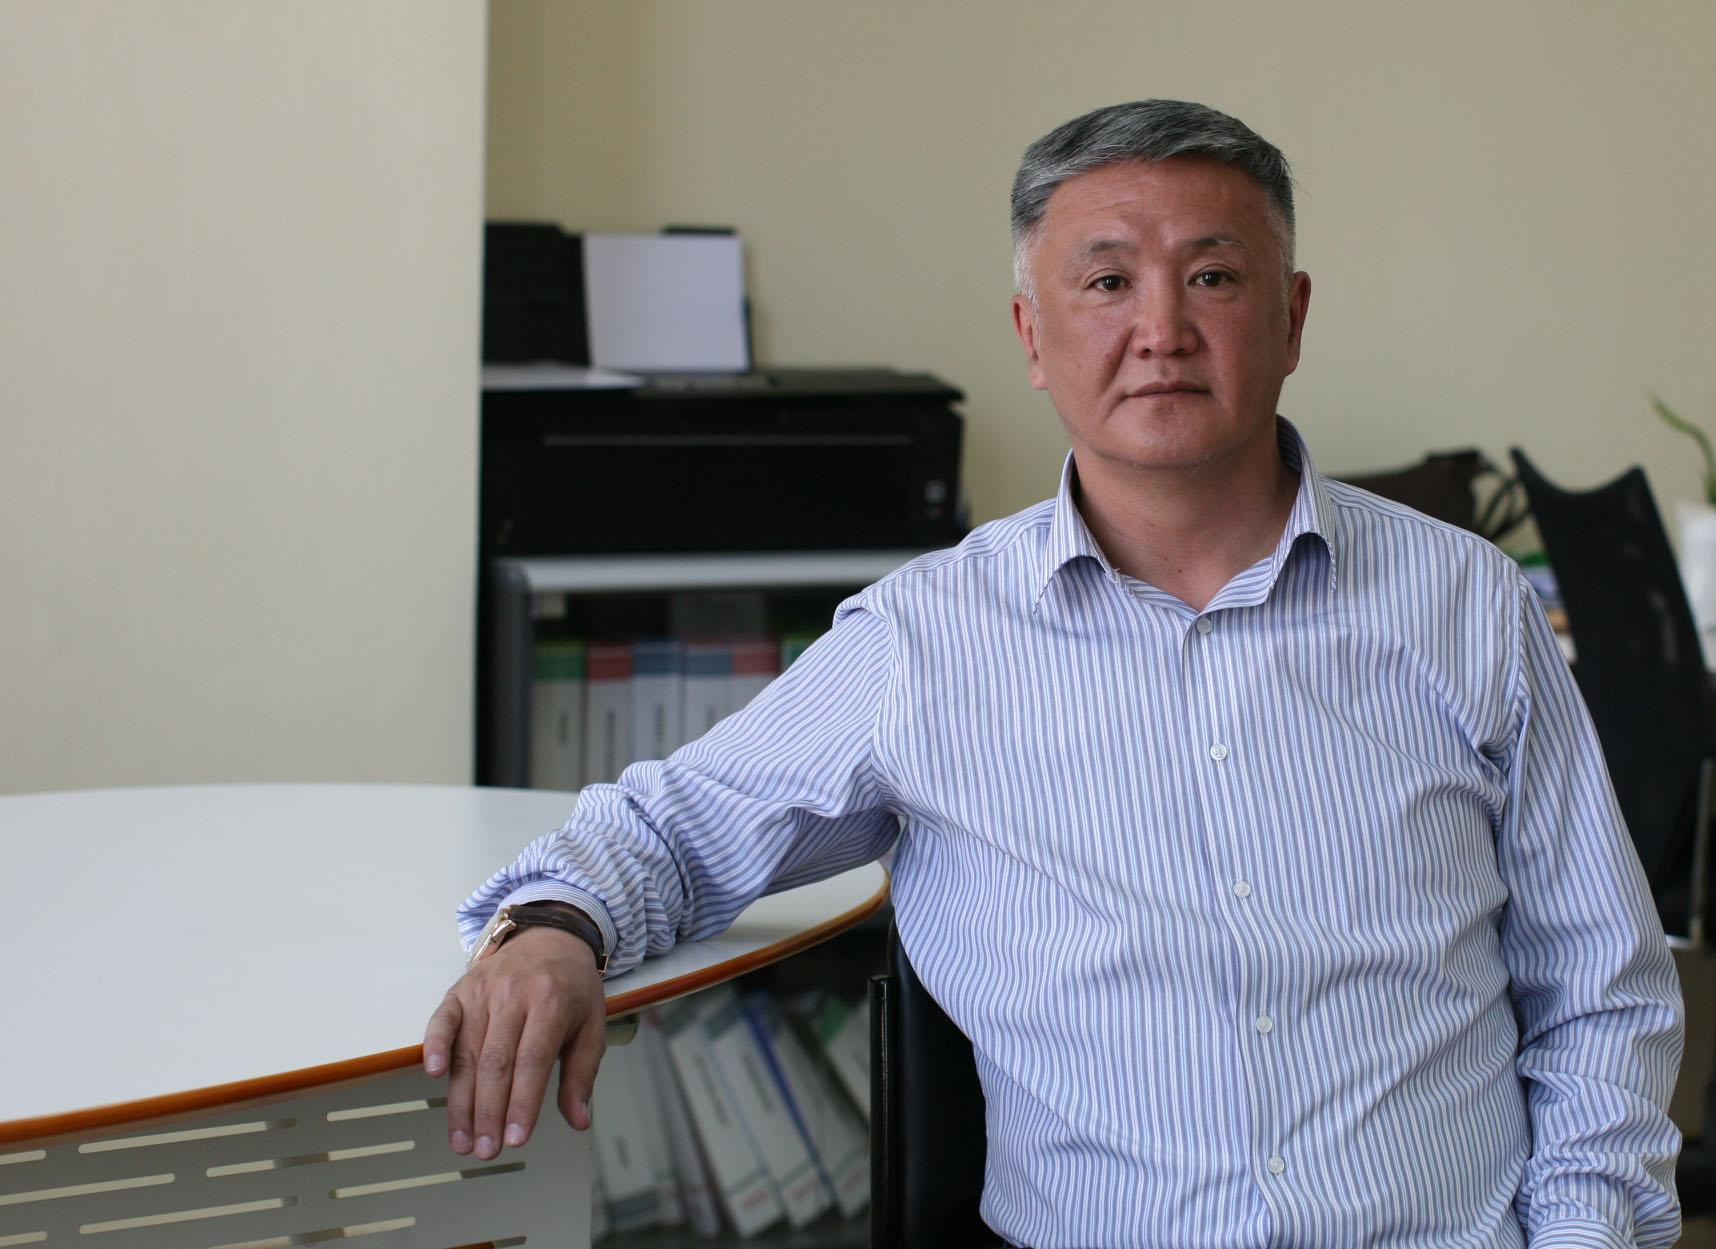 Л.Дуурсах: Монголчуудад хөгжлийн шинэ баримт бичиг биш хөгжүүлэх аргачлал хэрэгтэй байна